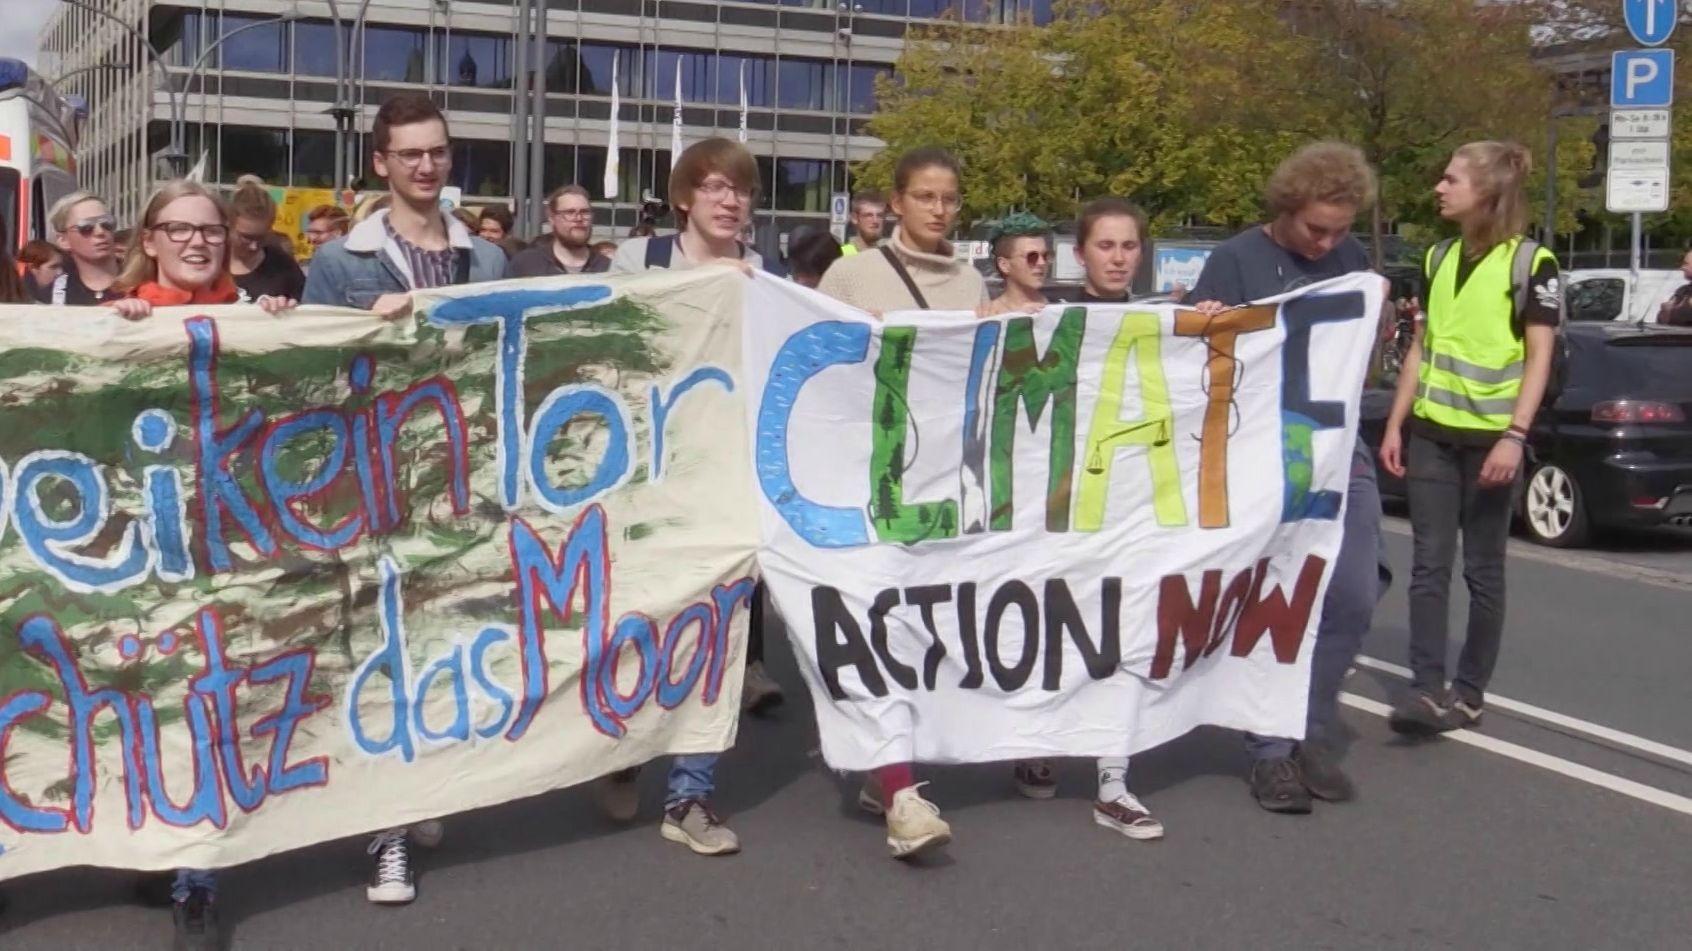 Demonstranten in Coburg